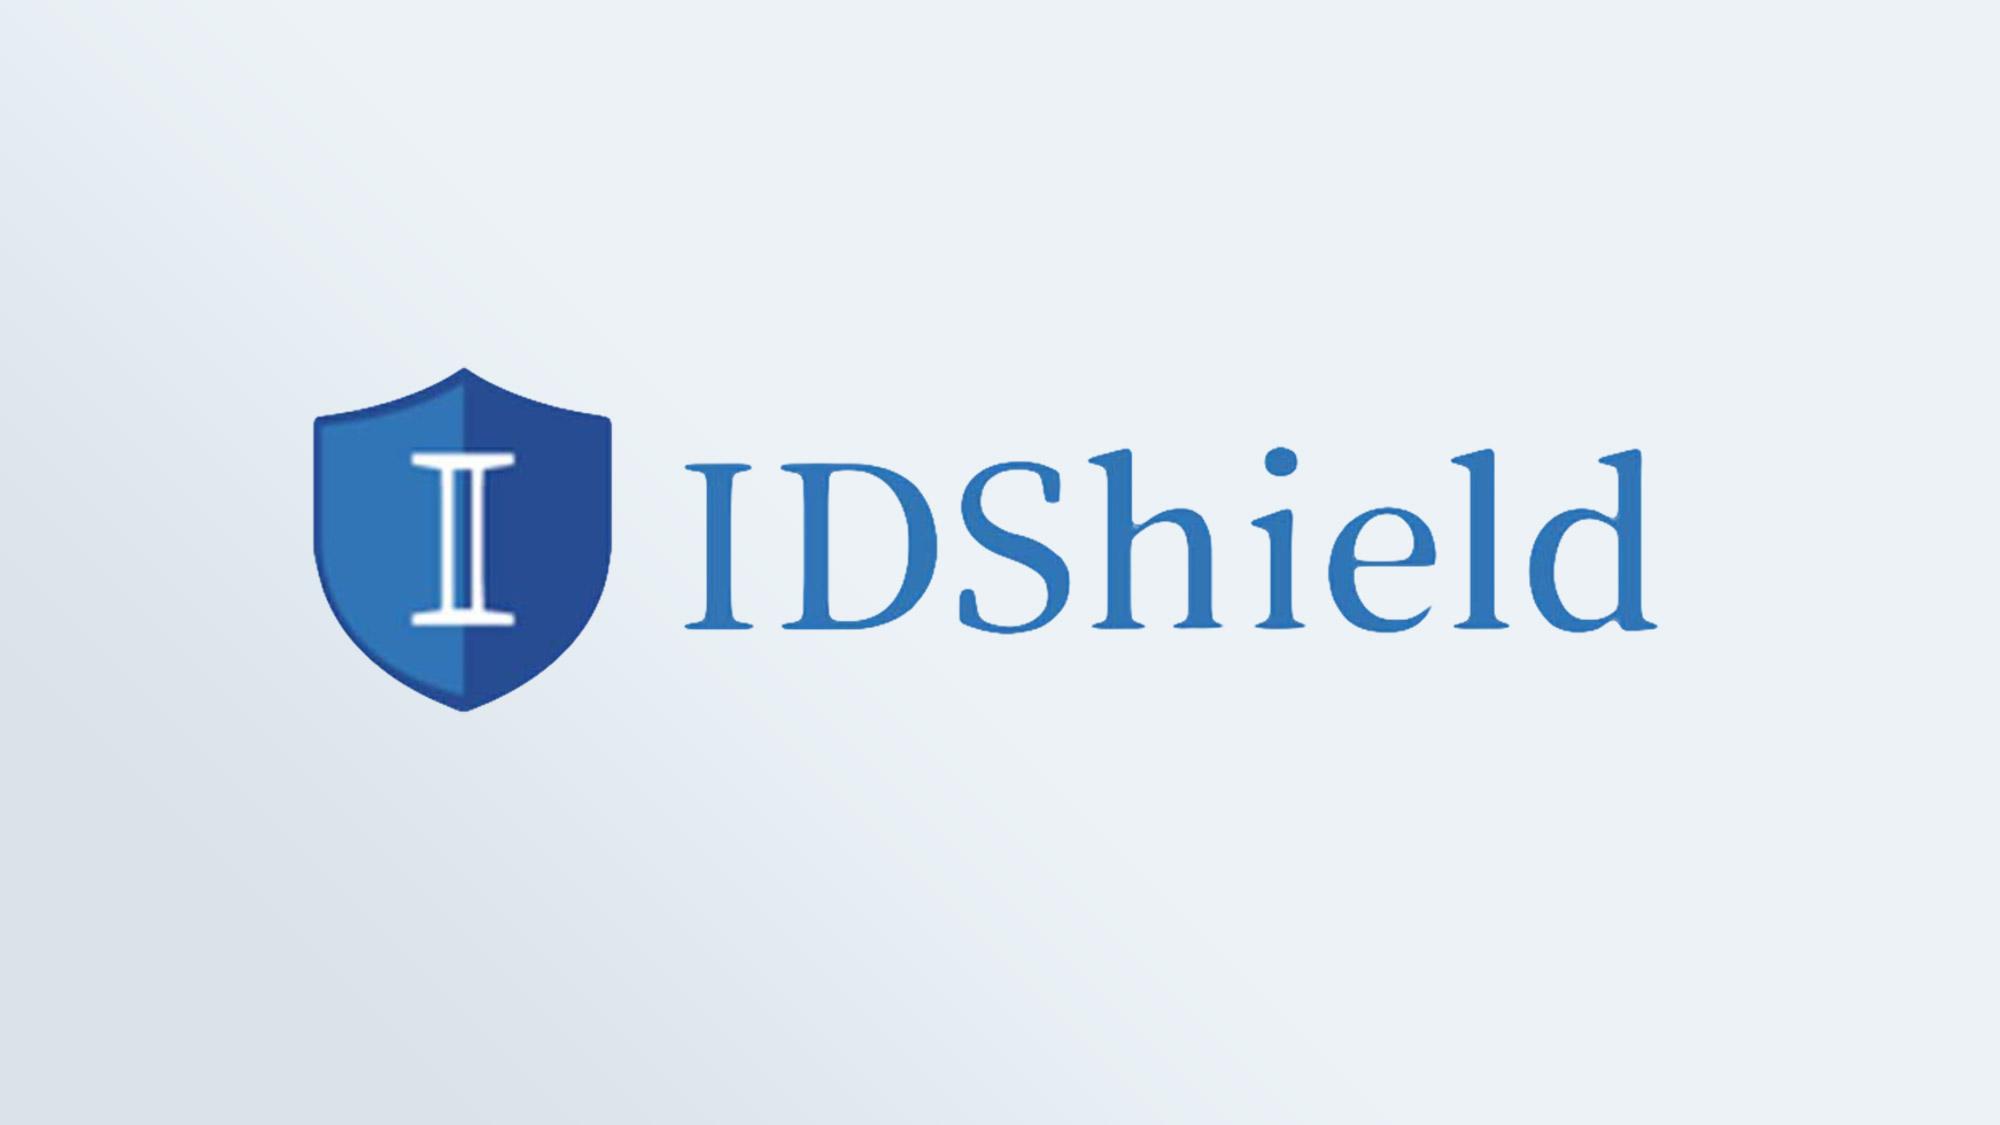 Melhor proteção contra roubo de identidade: IDShield Individual 3 Credit Bureau Monitoring